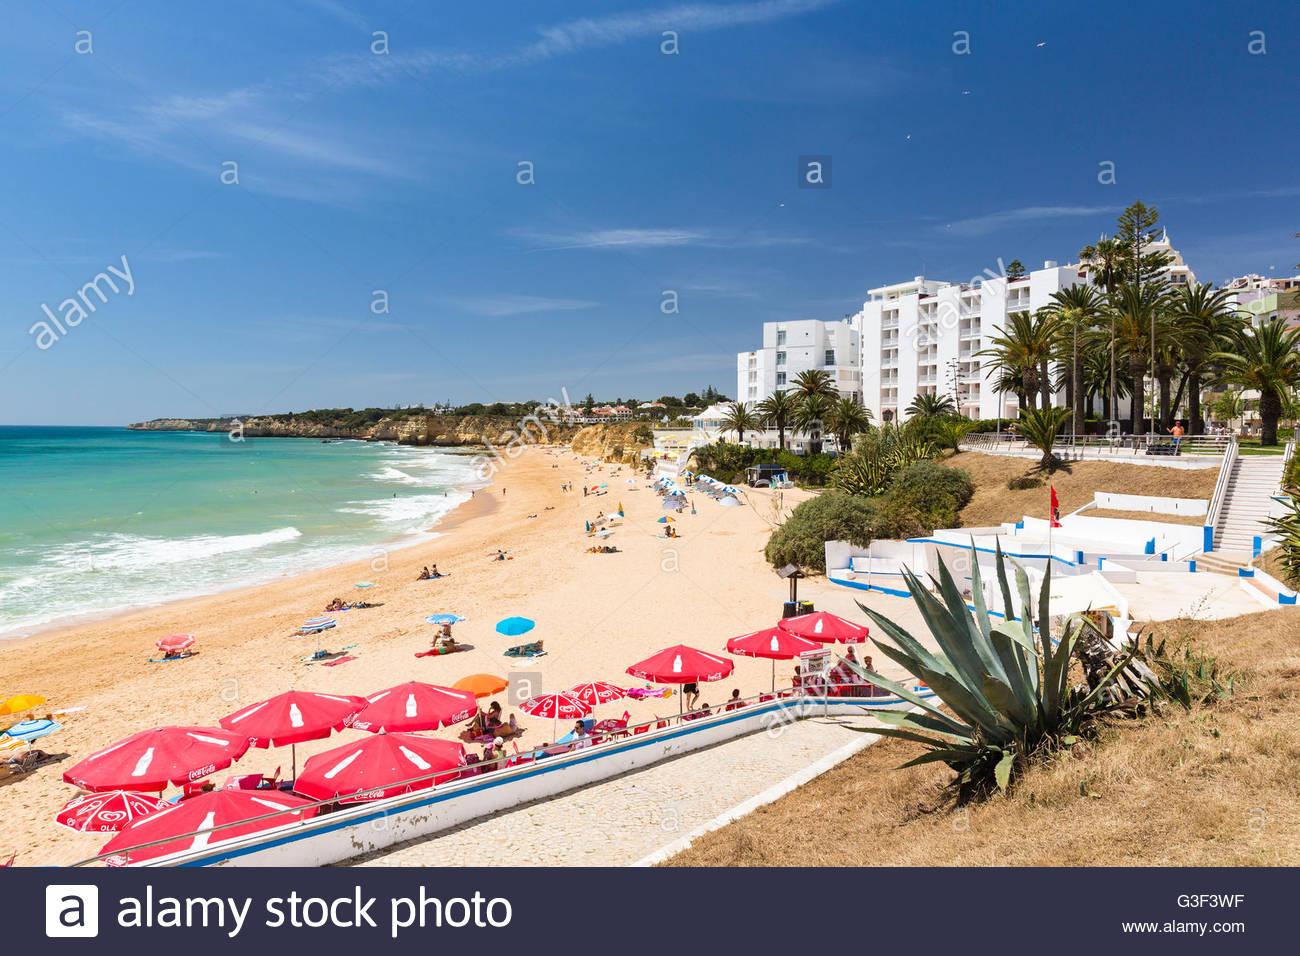 View on Praia de Armacao de Pera, Algarve, Portugal - Stock Image